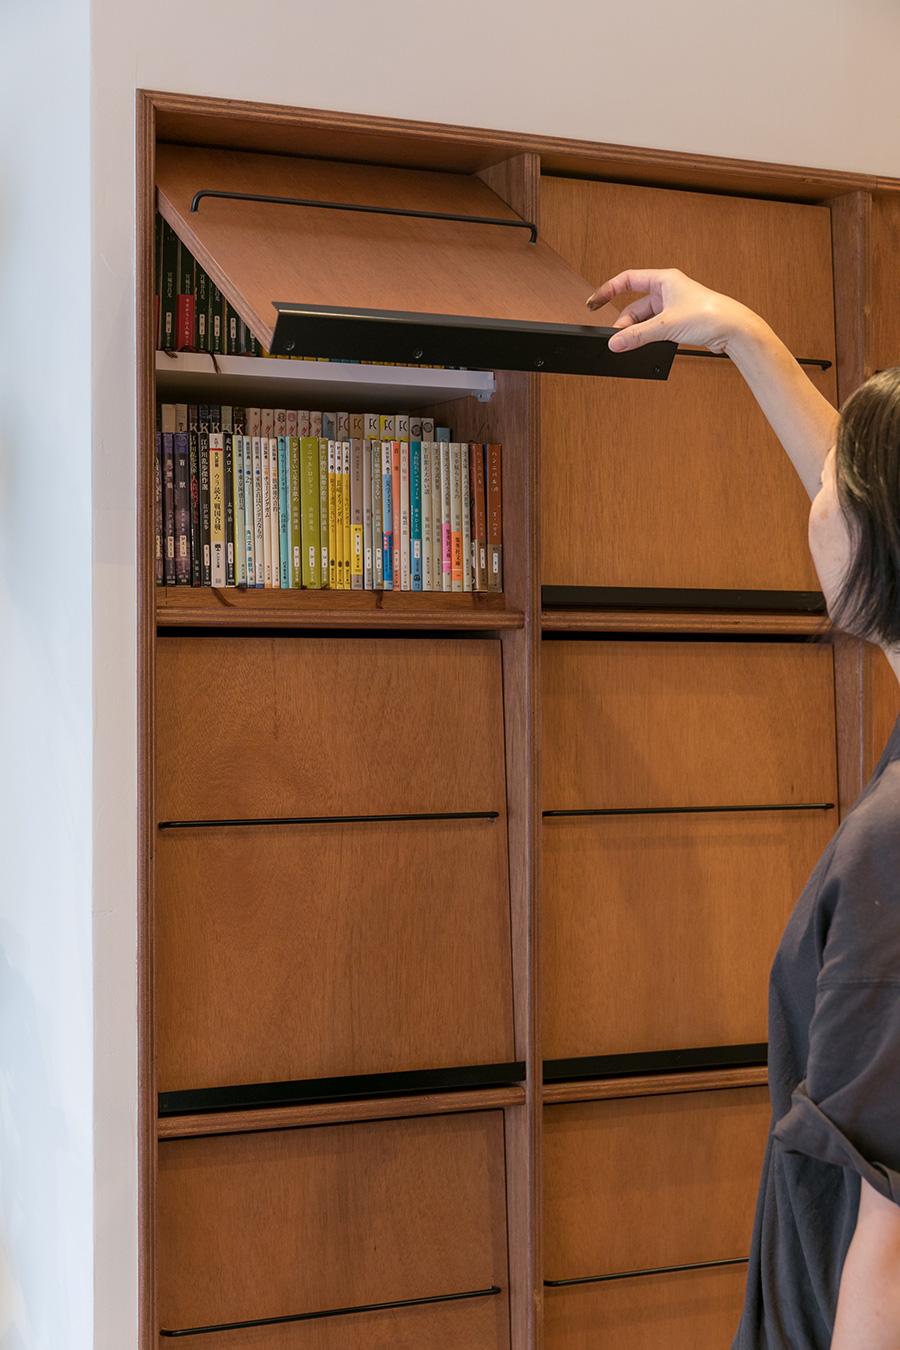 大量の本を収納するためにオーダーした本棚。「背表紙が並ぶとガチャガチャした印象になるので、扉つきにしてもらいました」。